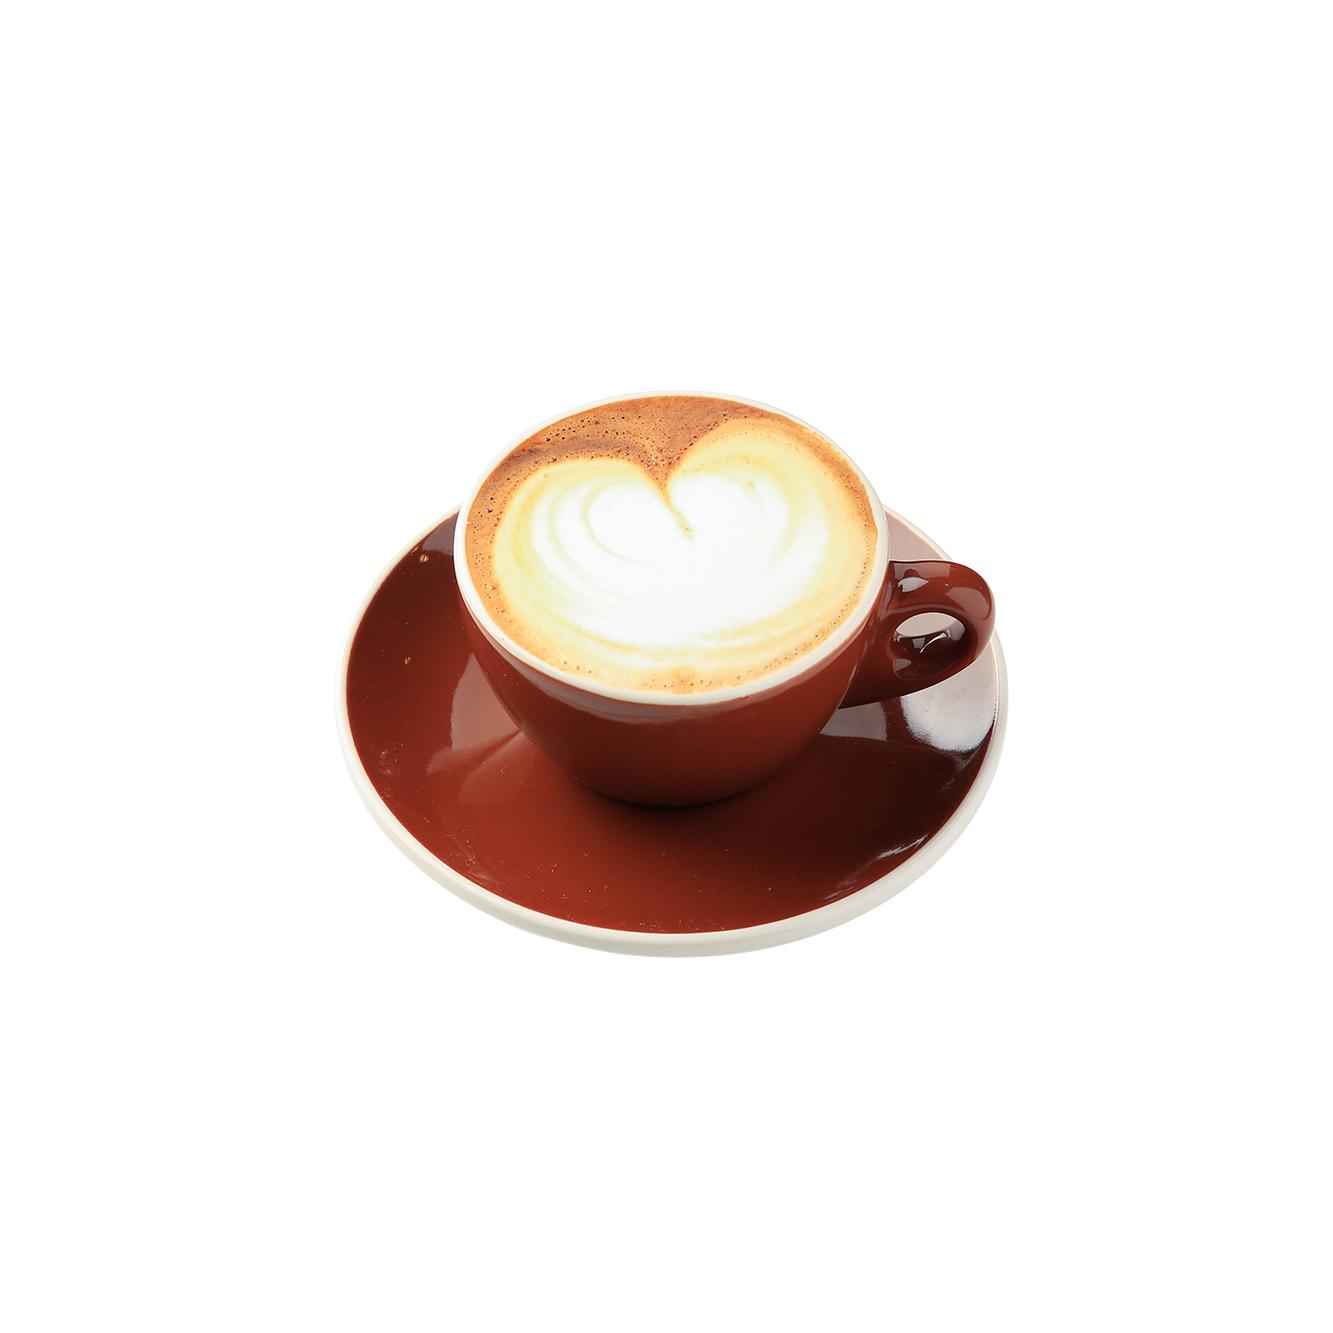 Cafe Macchiato - ¥520